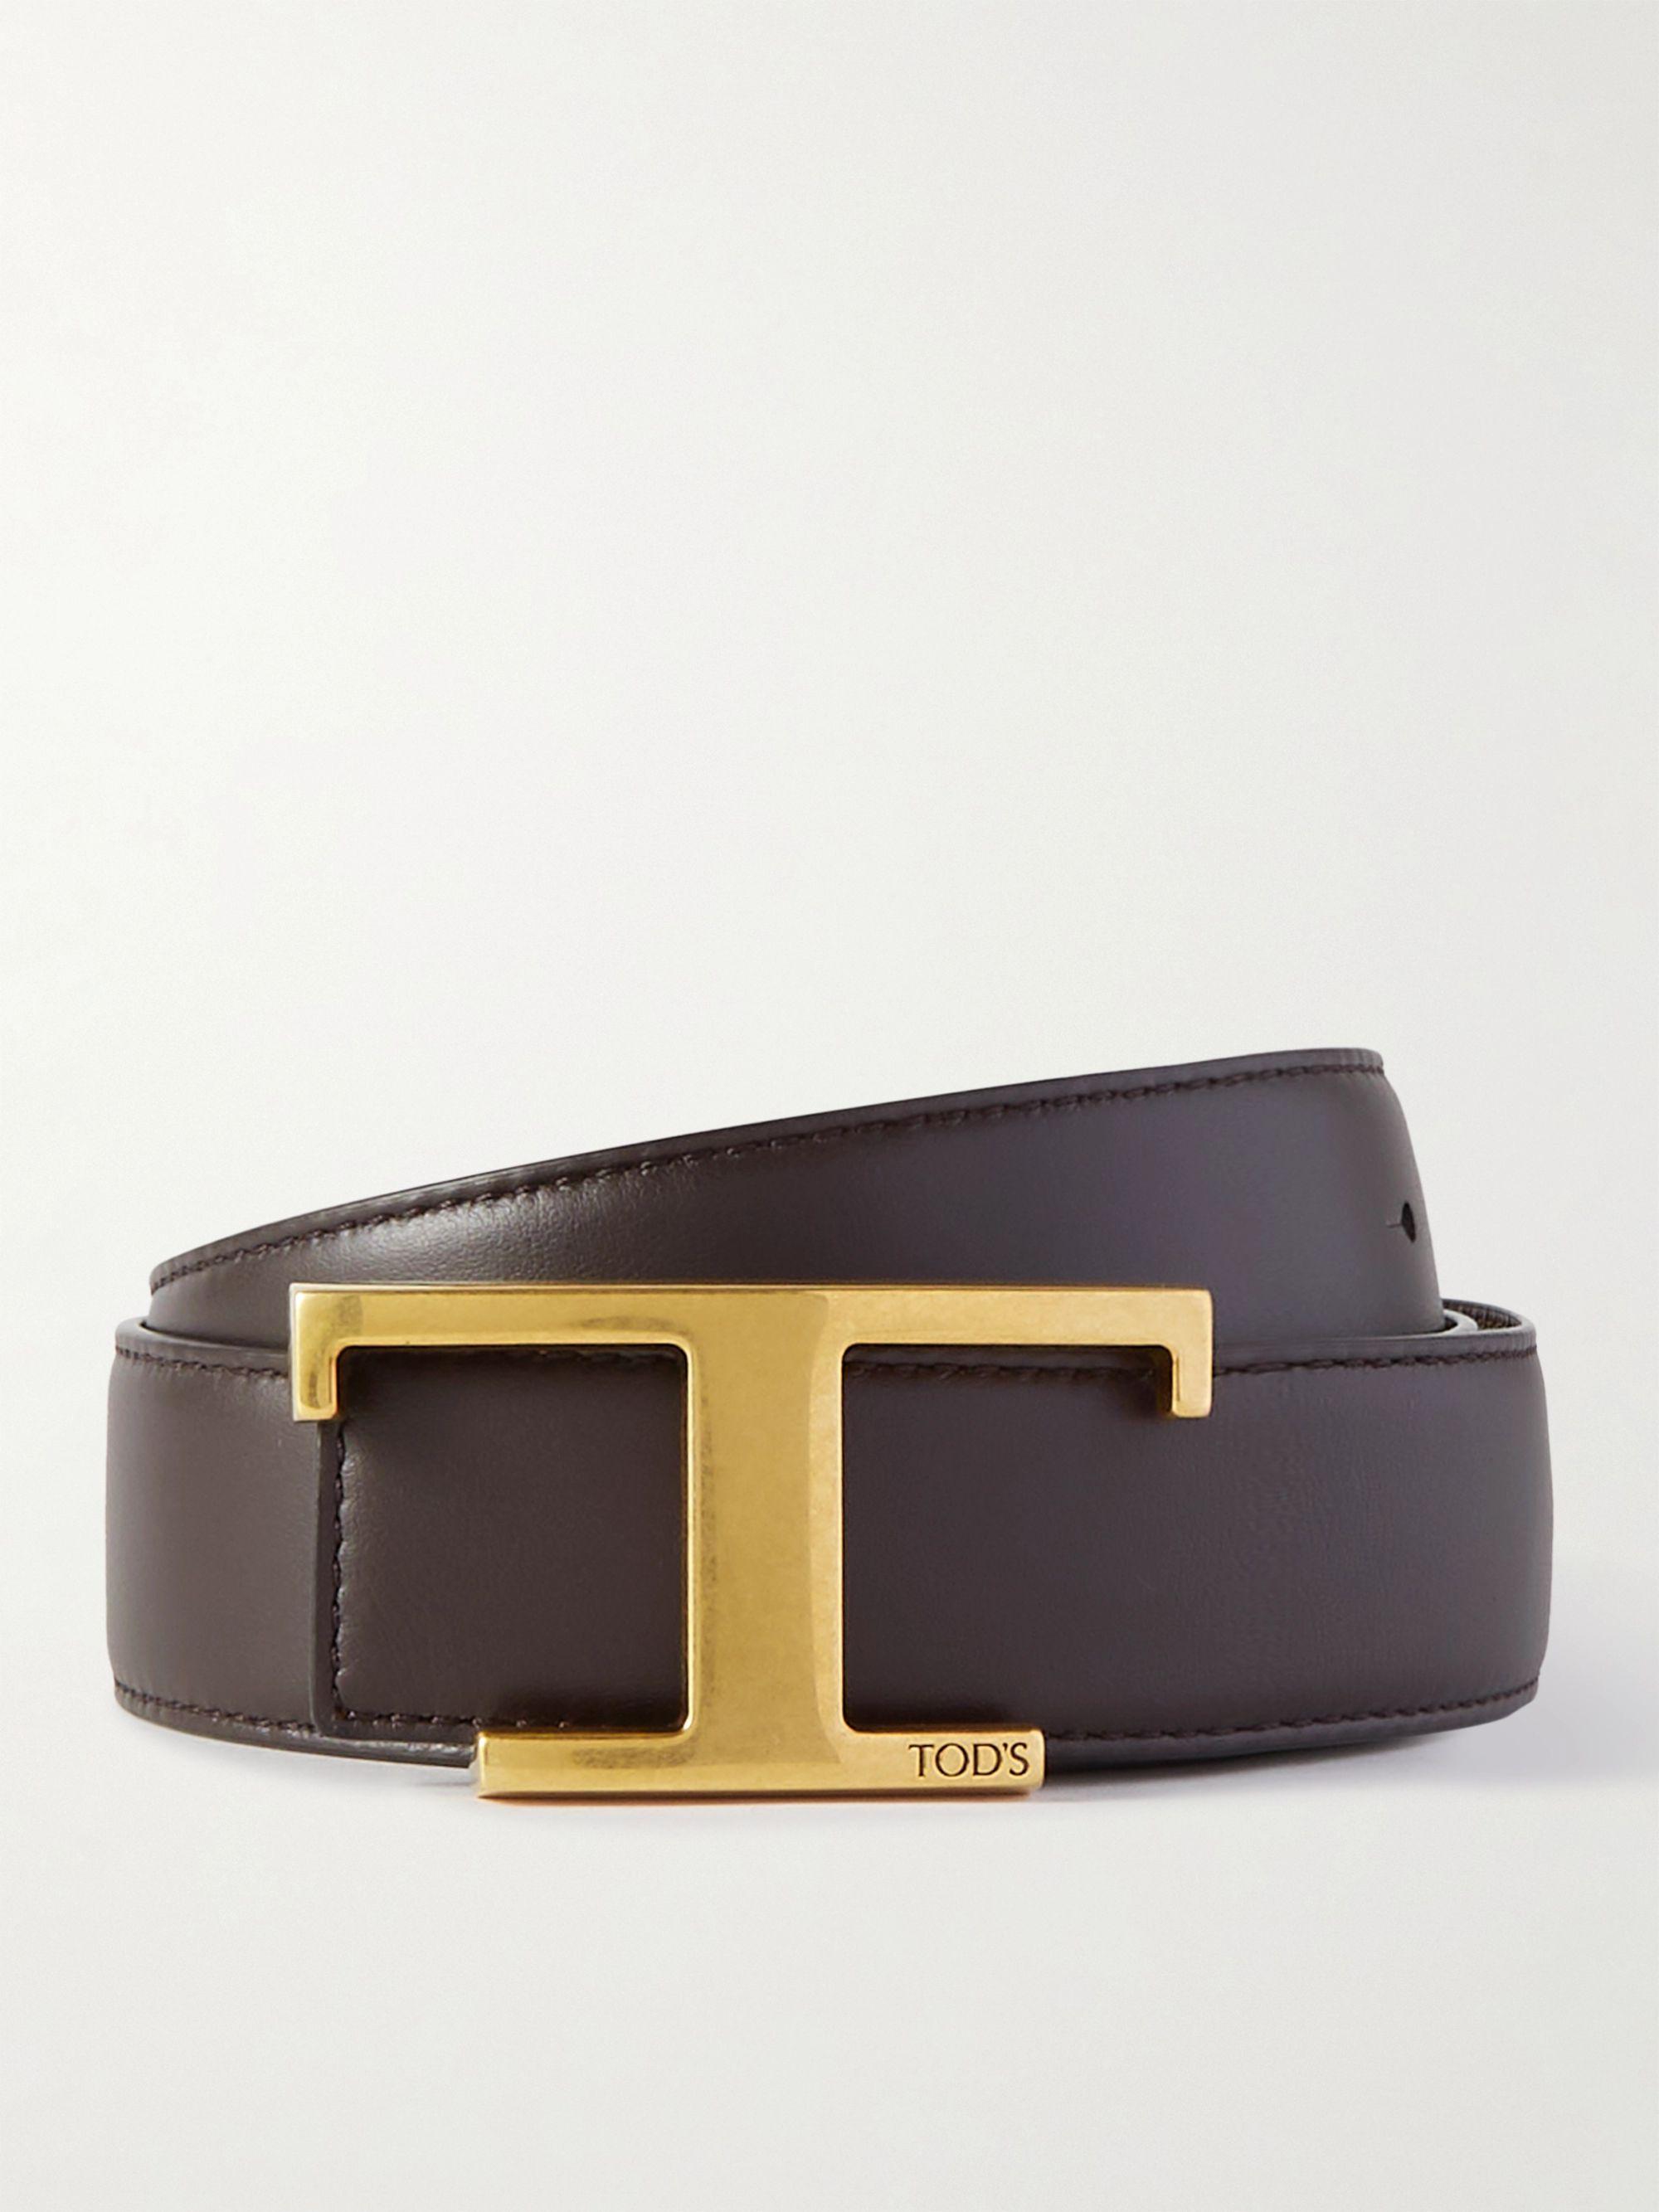 토즈 벨트 Tod's 3.5cm Leather Belt,Brown